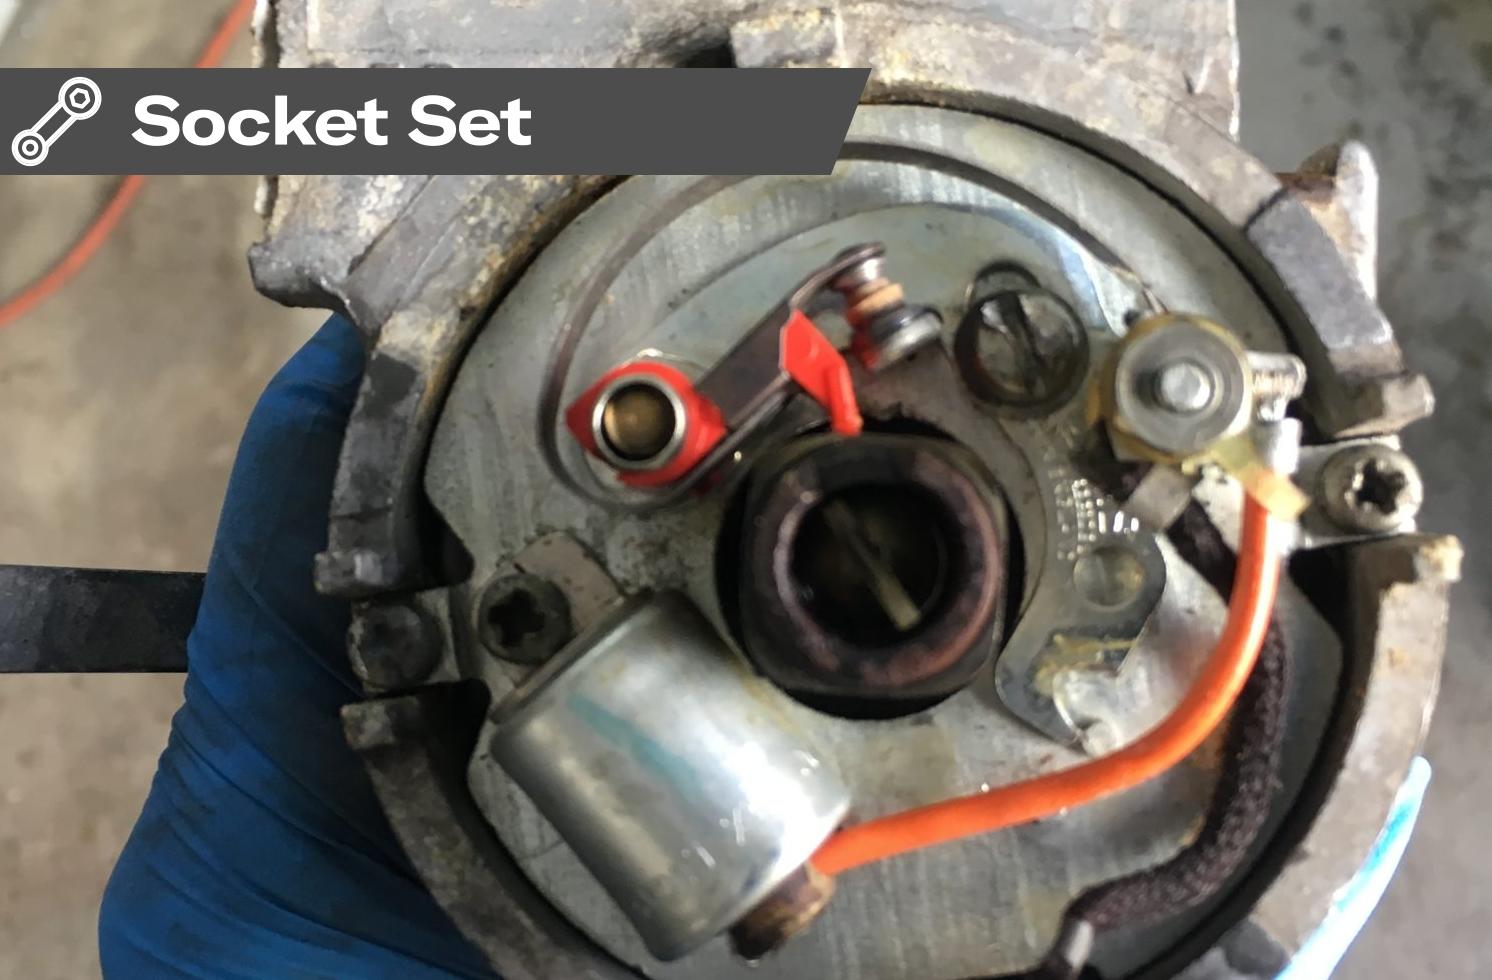 Socket Set: Solving distributor problems